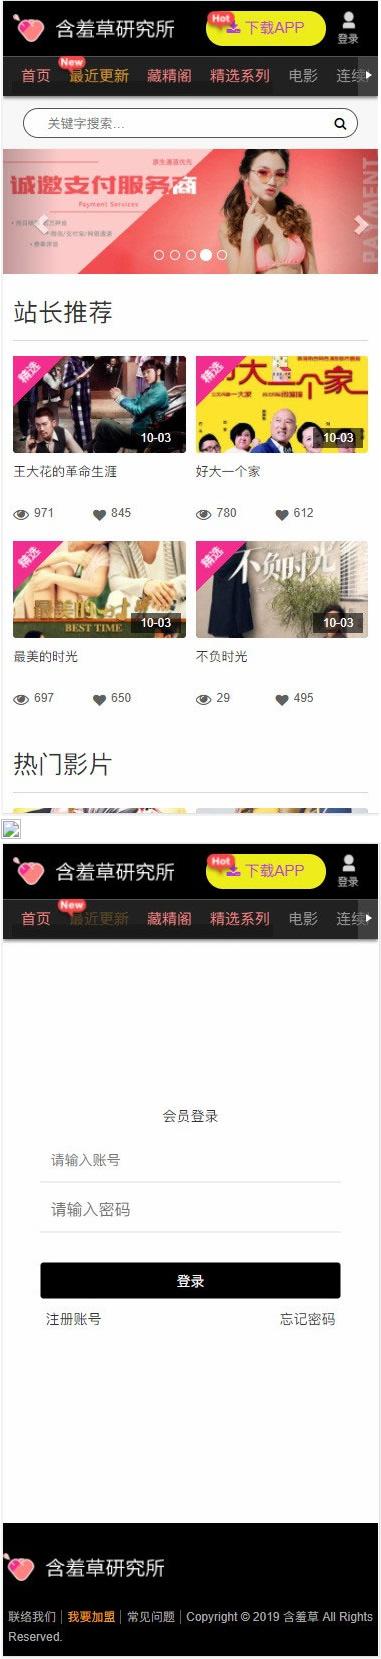 含羞草在线视频电影网站源码 苹果cmsV10模板自适应 第2张